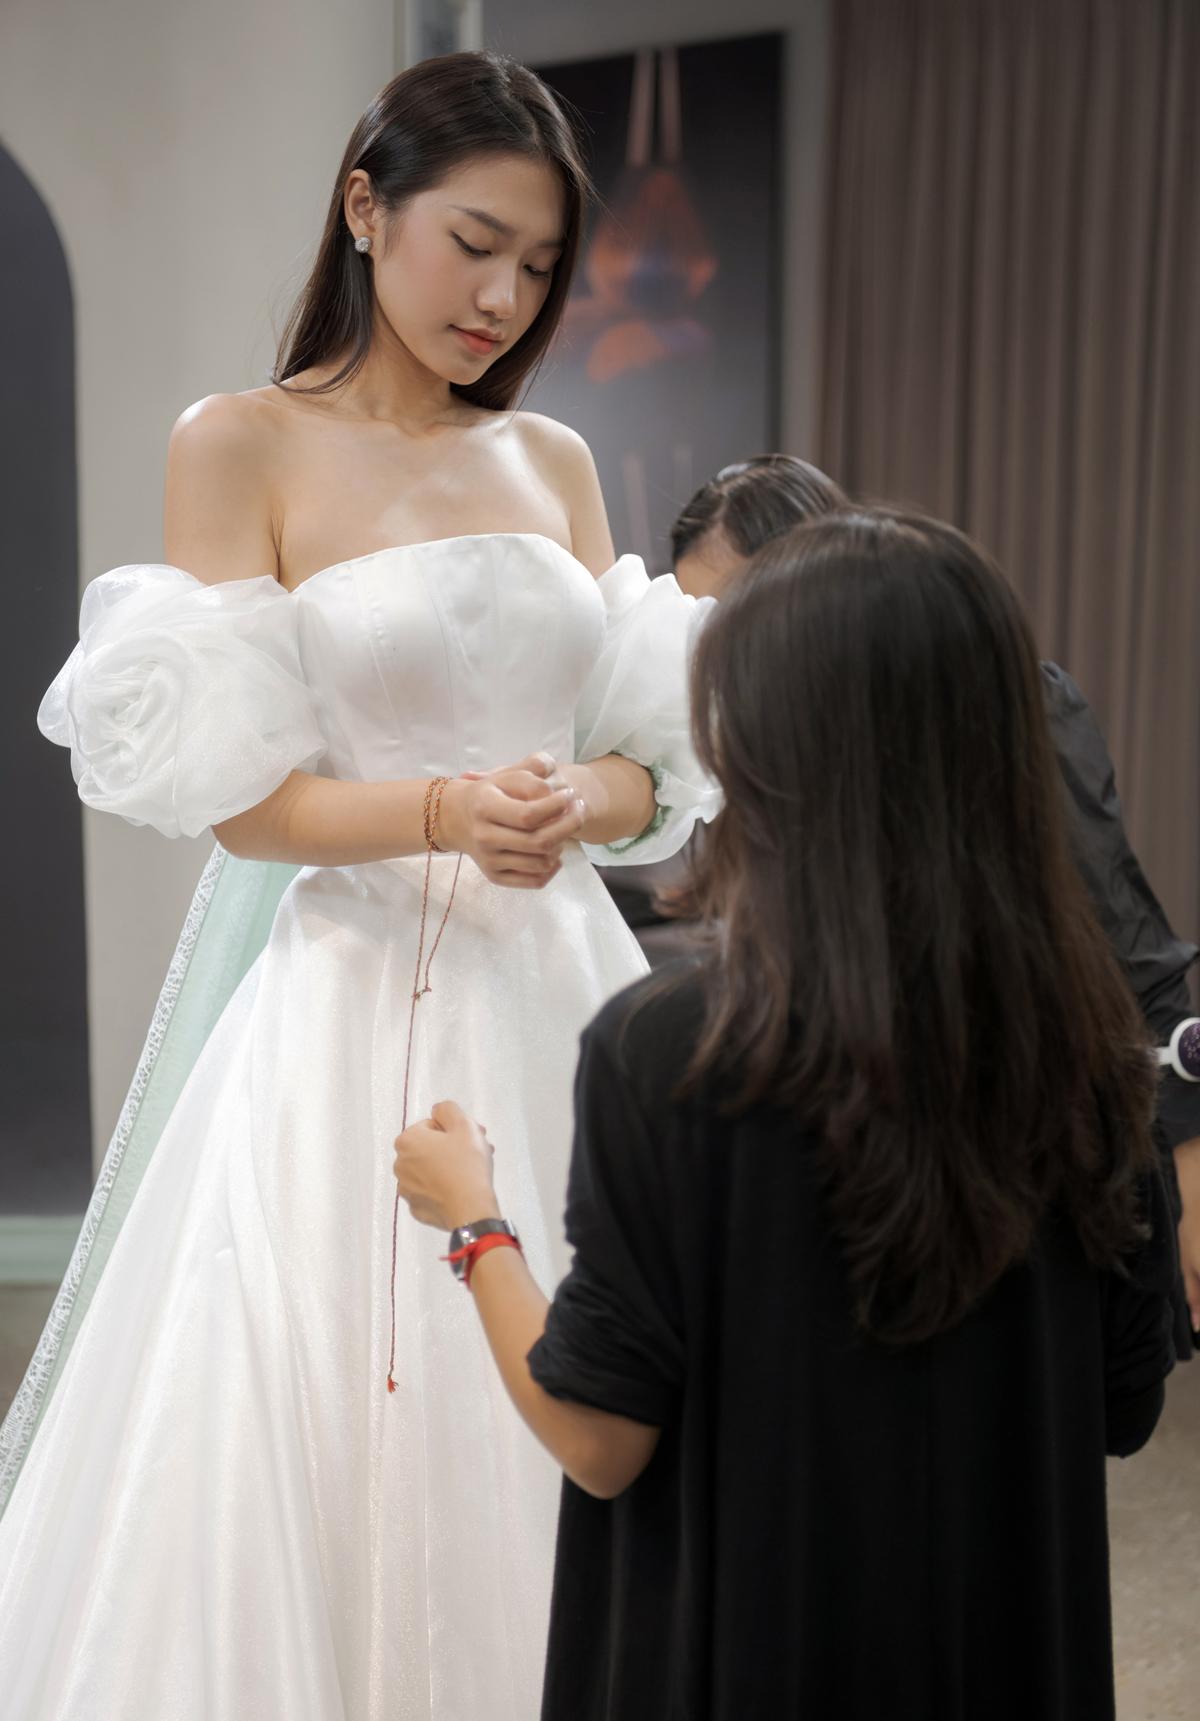 Người đẹp còn thử một mẫu váy dạng quây trễ vai, phù hợp với vóc dáng mảnh mai và vẻ đẹp ngọt ngào.